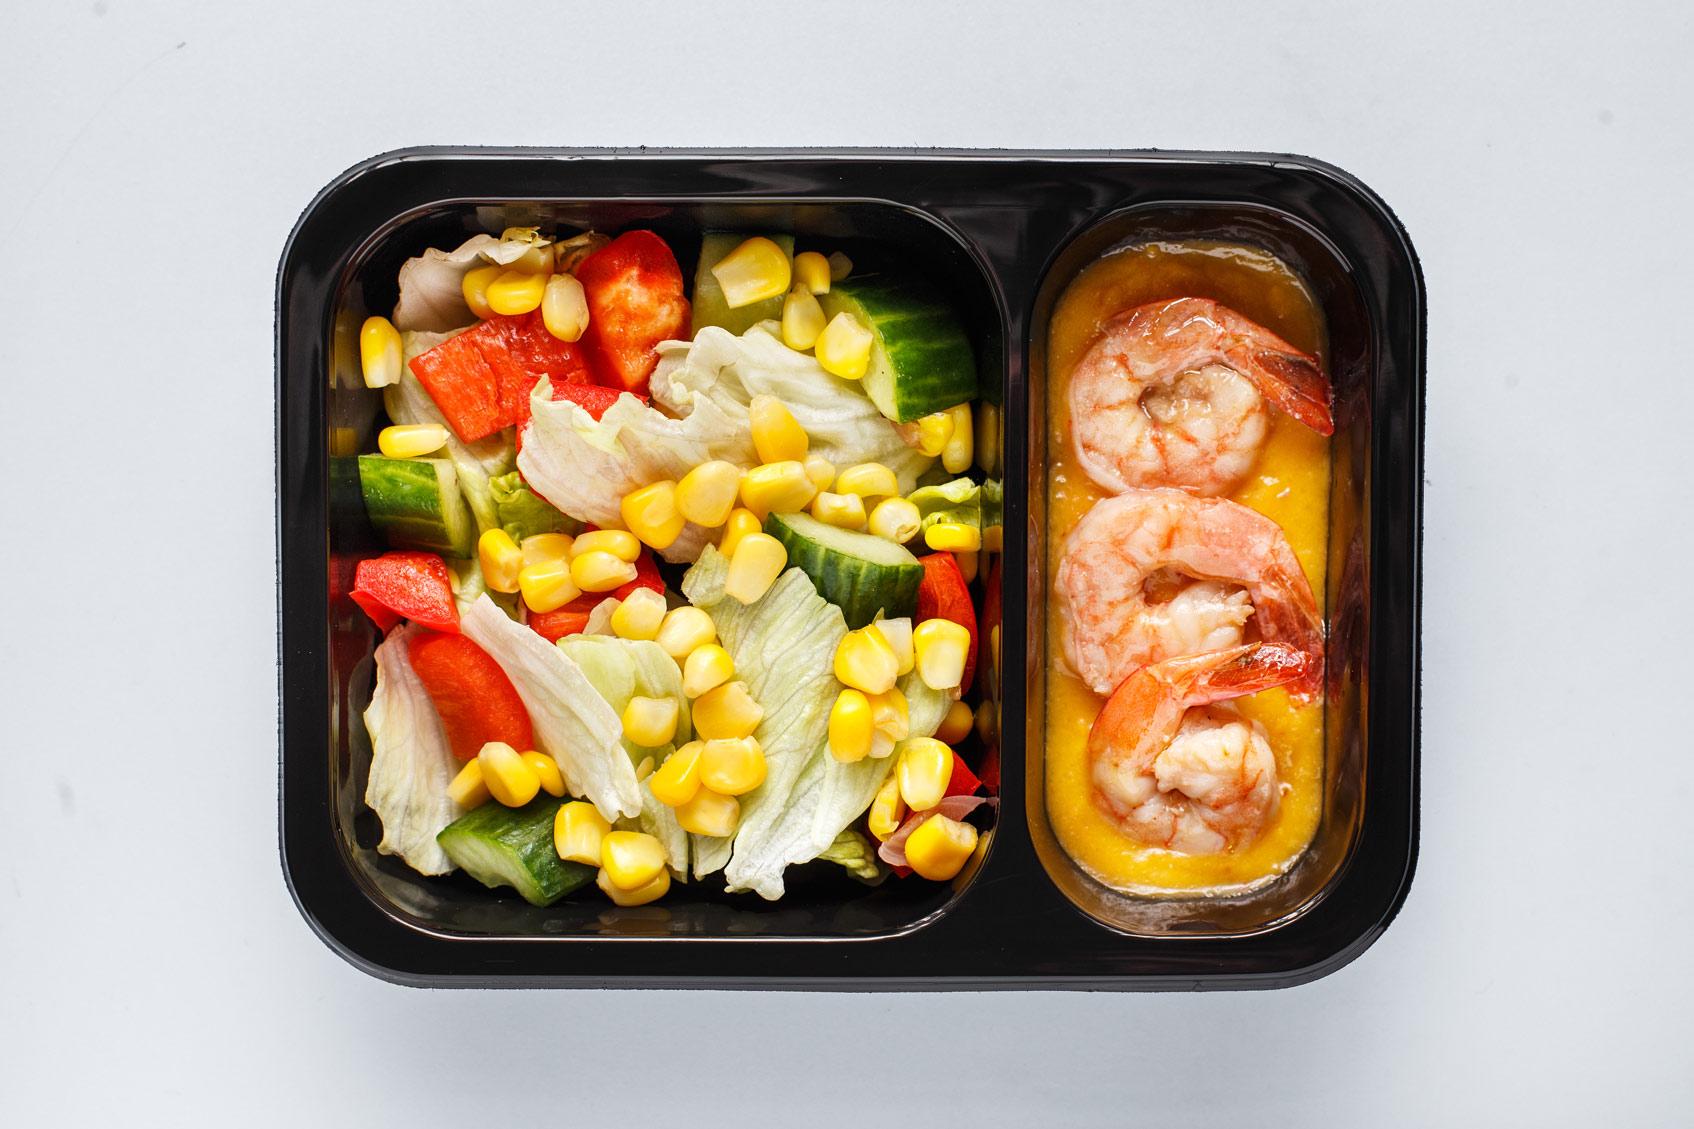 еда из контейнеров grow food